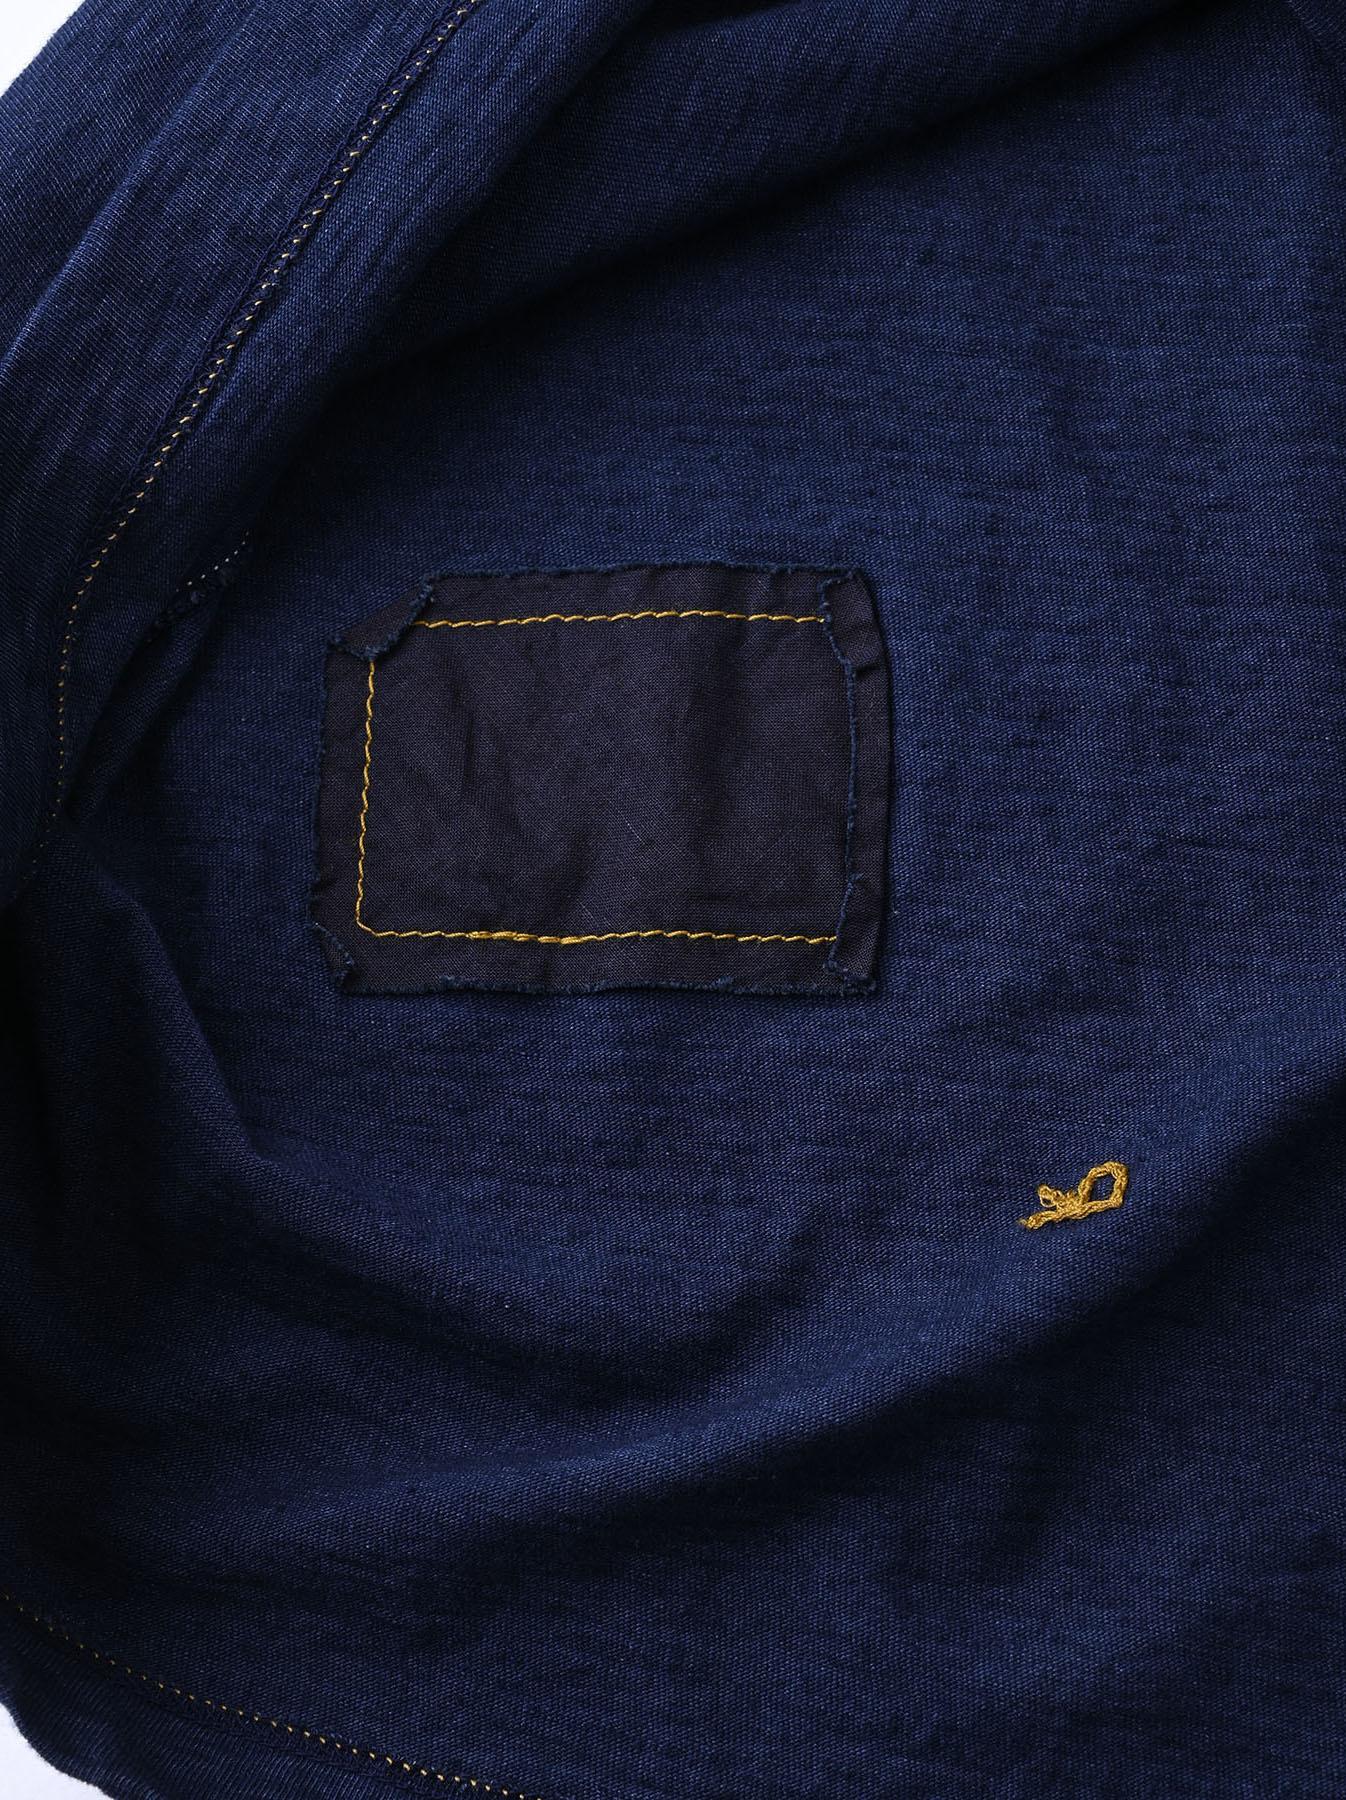 Indigo Ukiyo de Surf 908 Ocean T-shirt (0621)-12